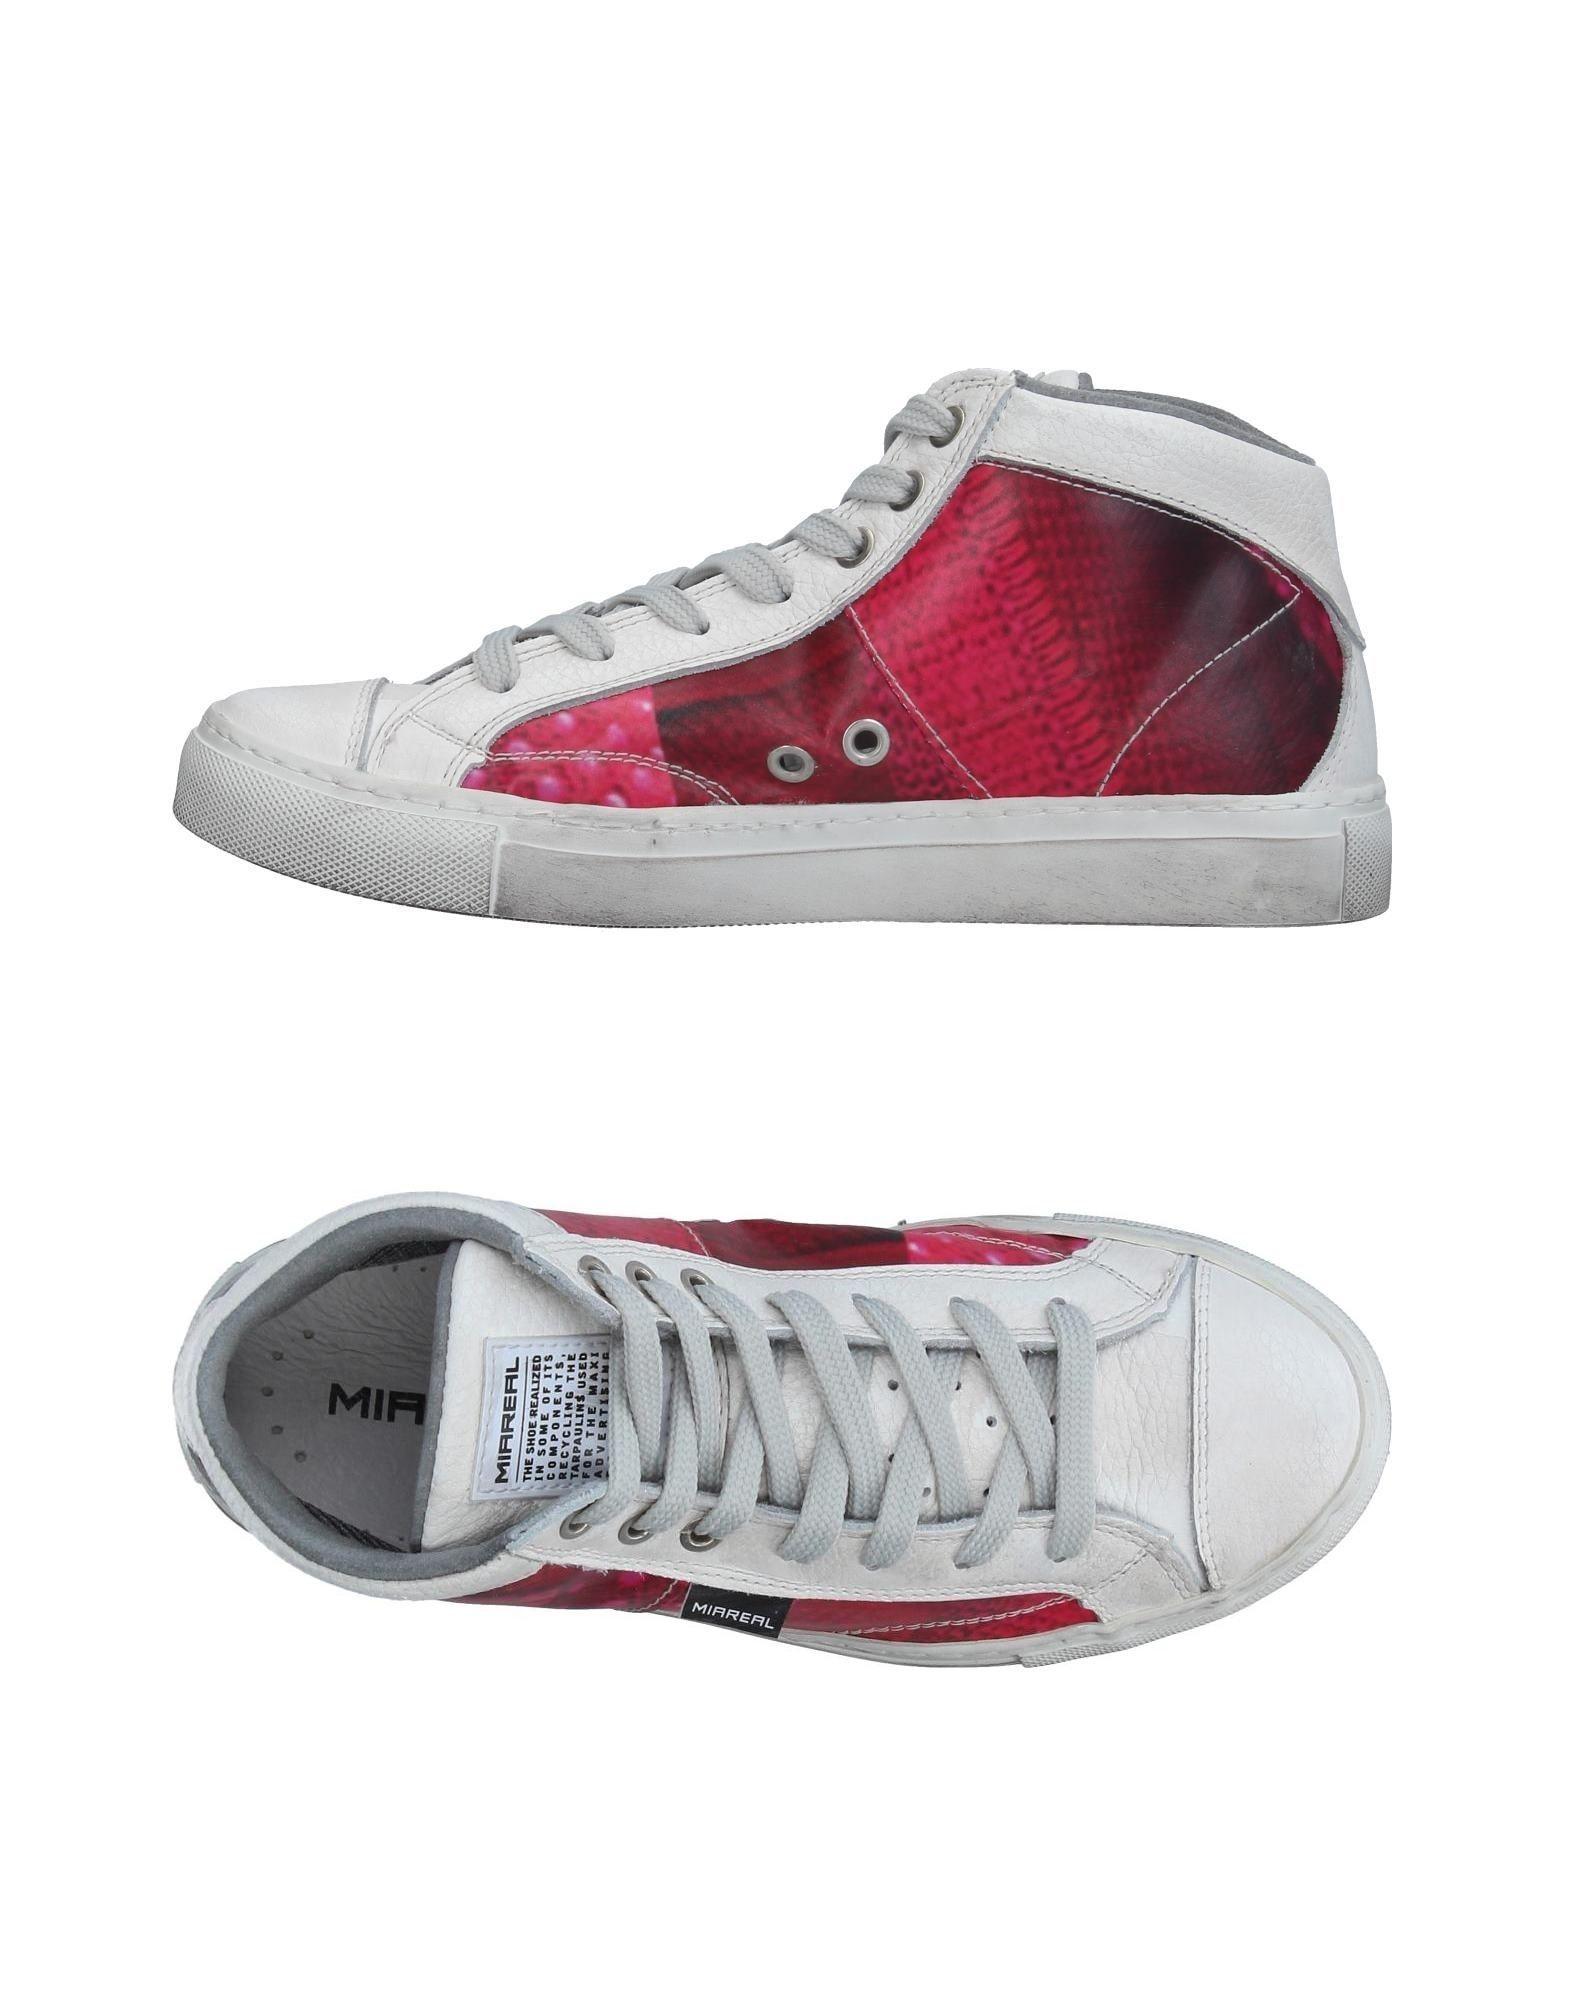 MIAREAL Высокие кеды и кроссовки кеды кроссовки высокие dc council mid tx stone camo